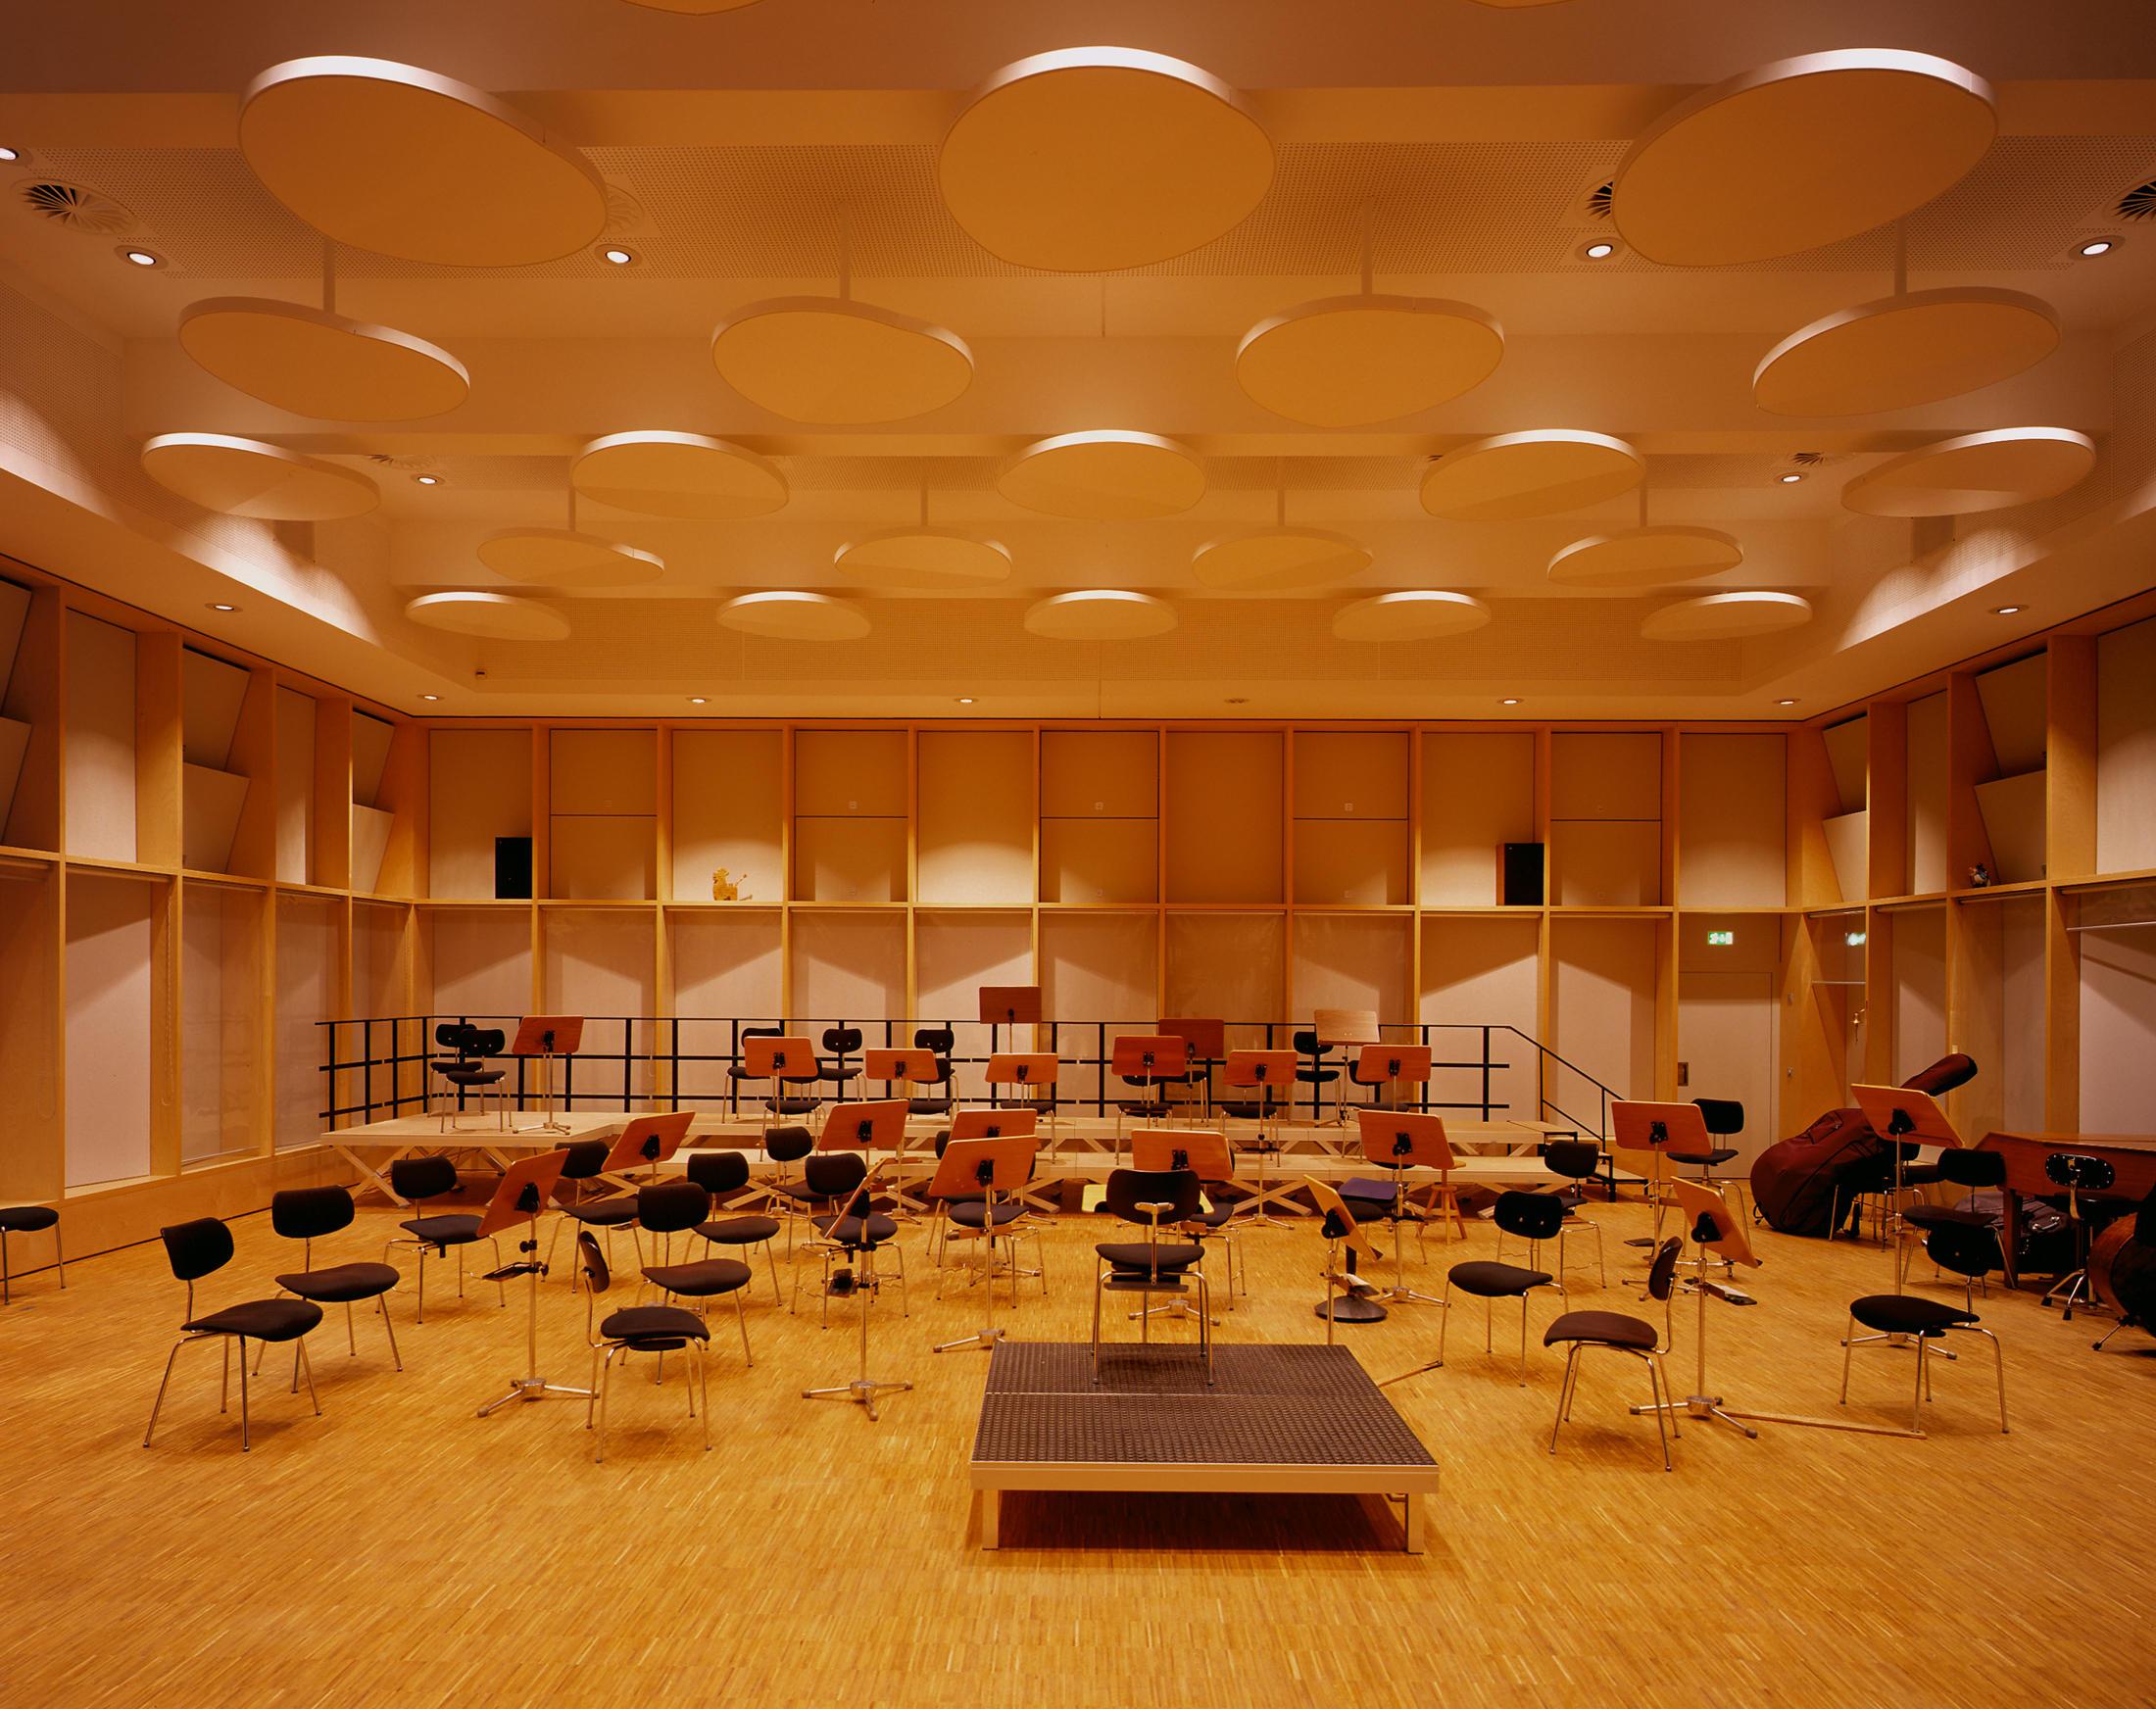 Musiker Stuhl 710 1200 Stühle Von Wilde Spieth Architonic